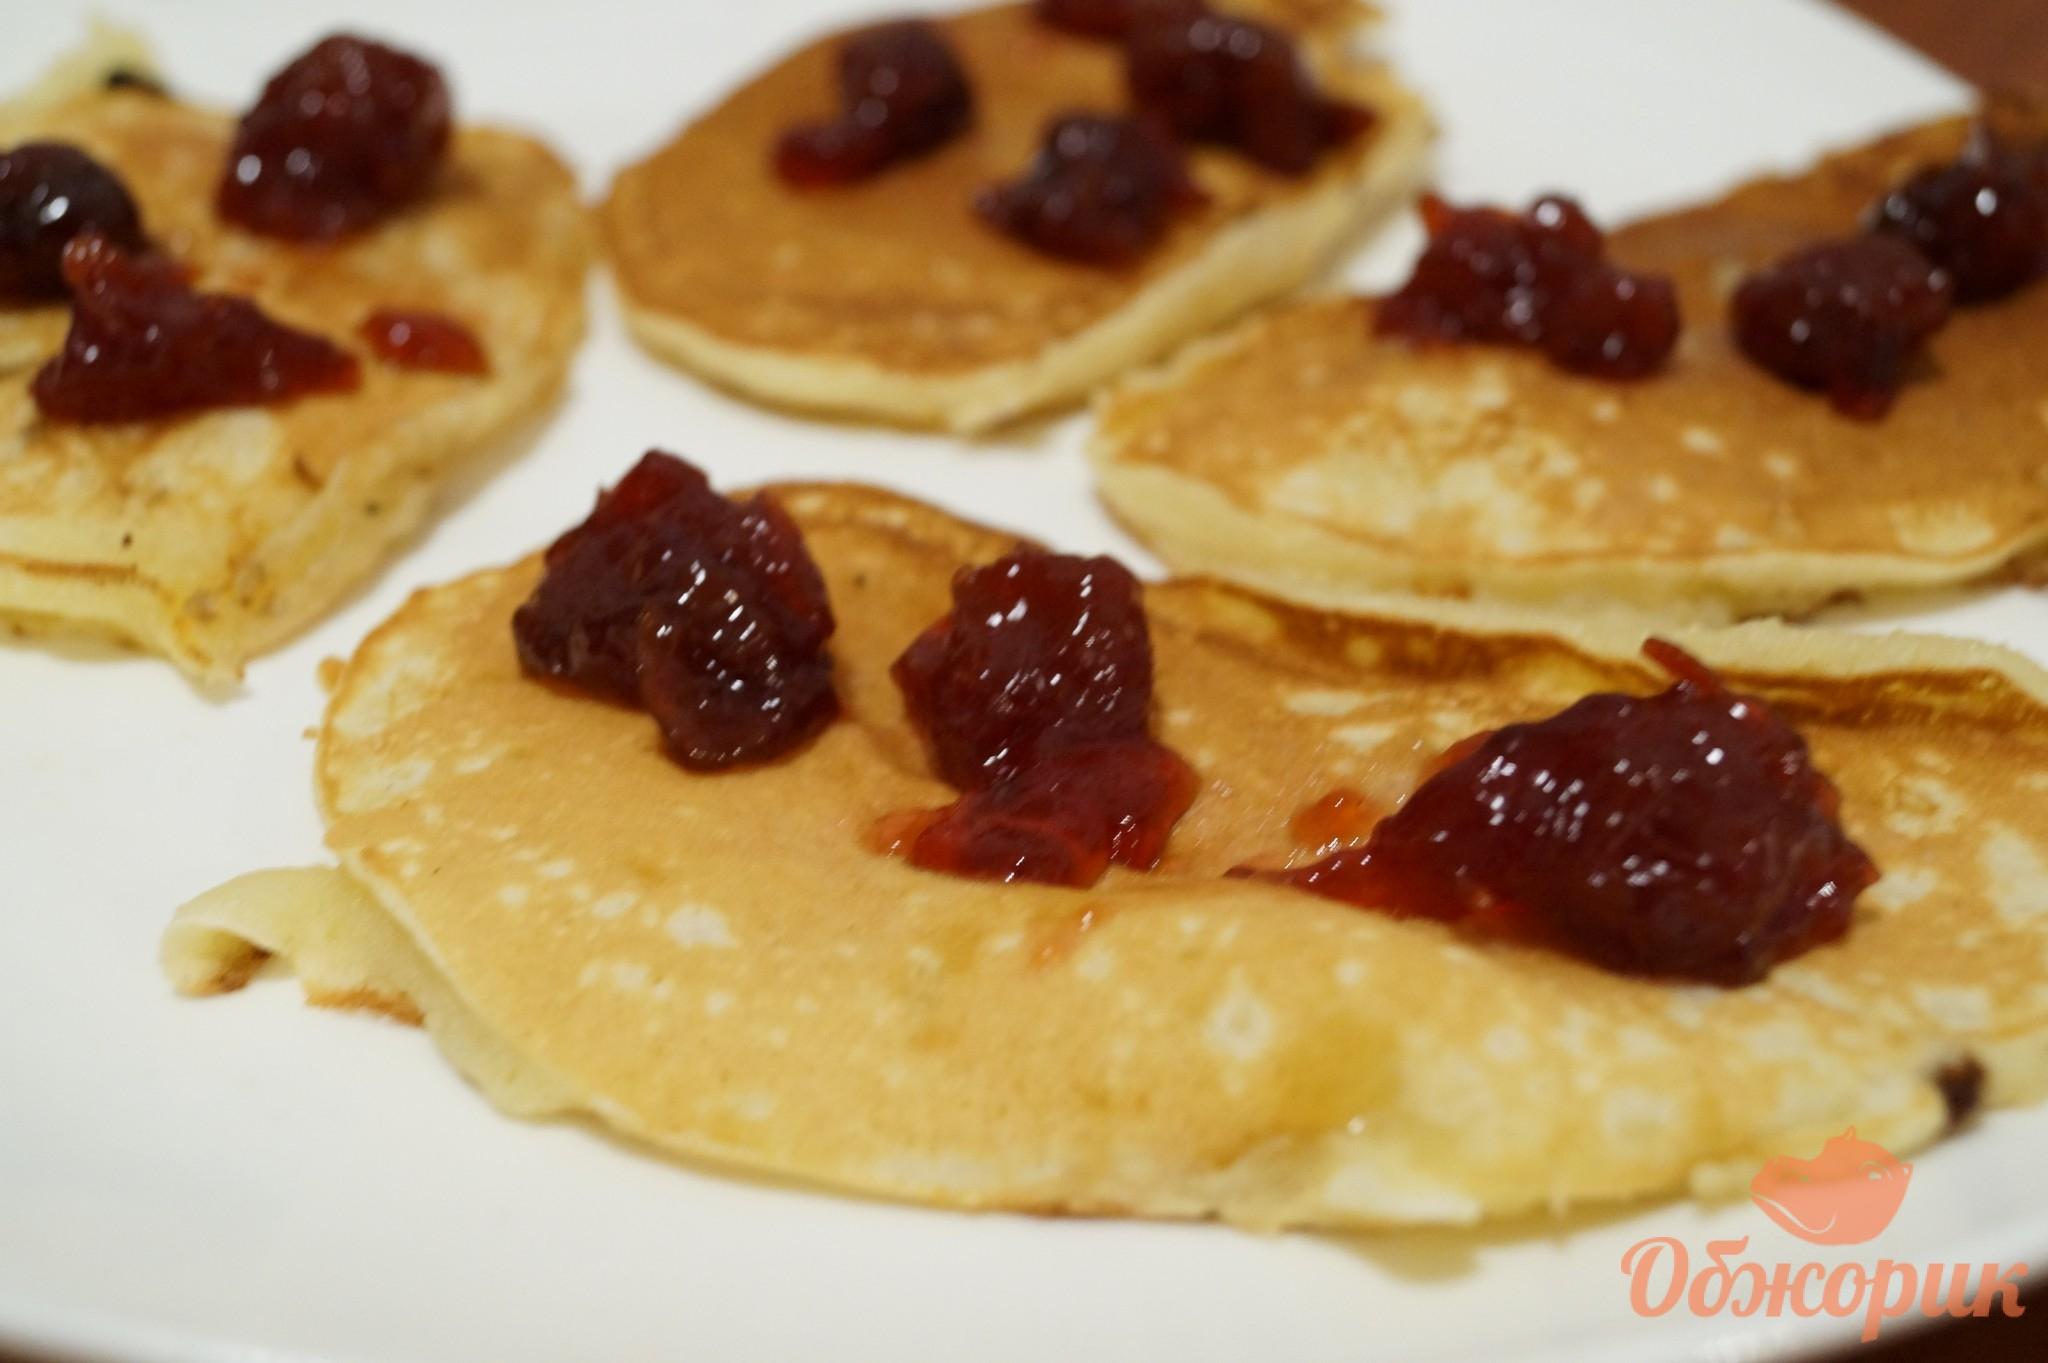 Пошаговый фото рецепт приготовления панкейков